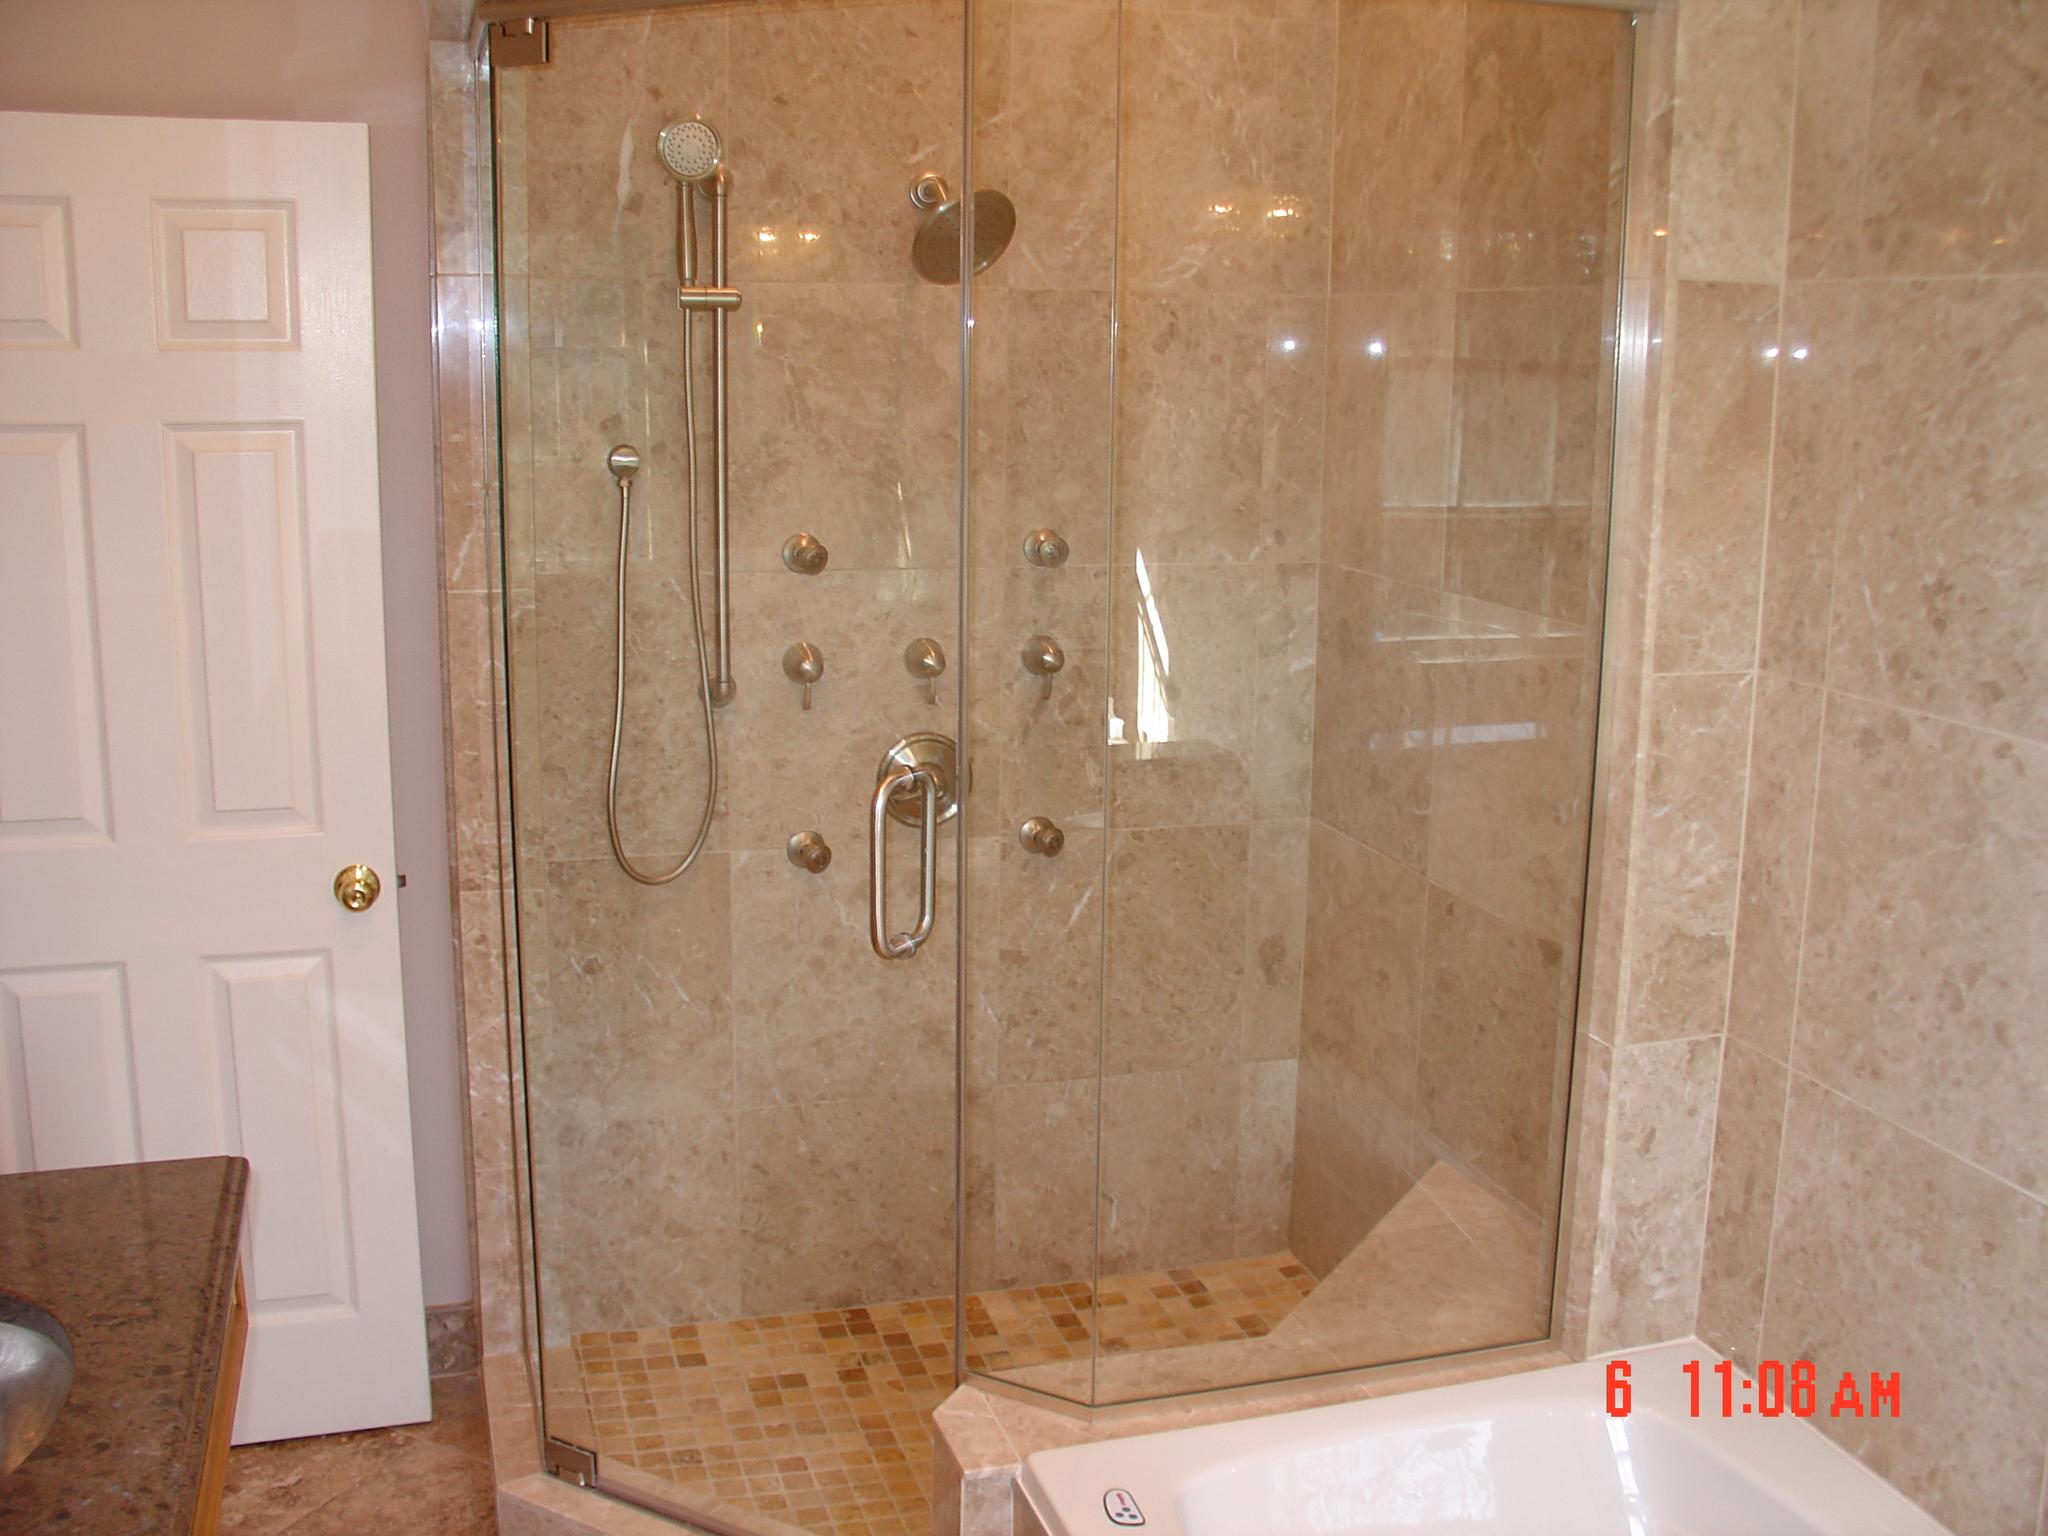 Bath Remodeling Bathtub Reglazing Bathtub Liners St Louis MO - Bathroom remodeling st louis mo